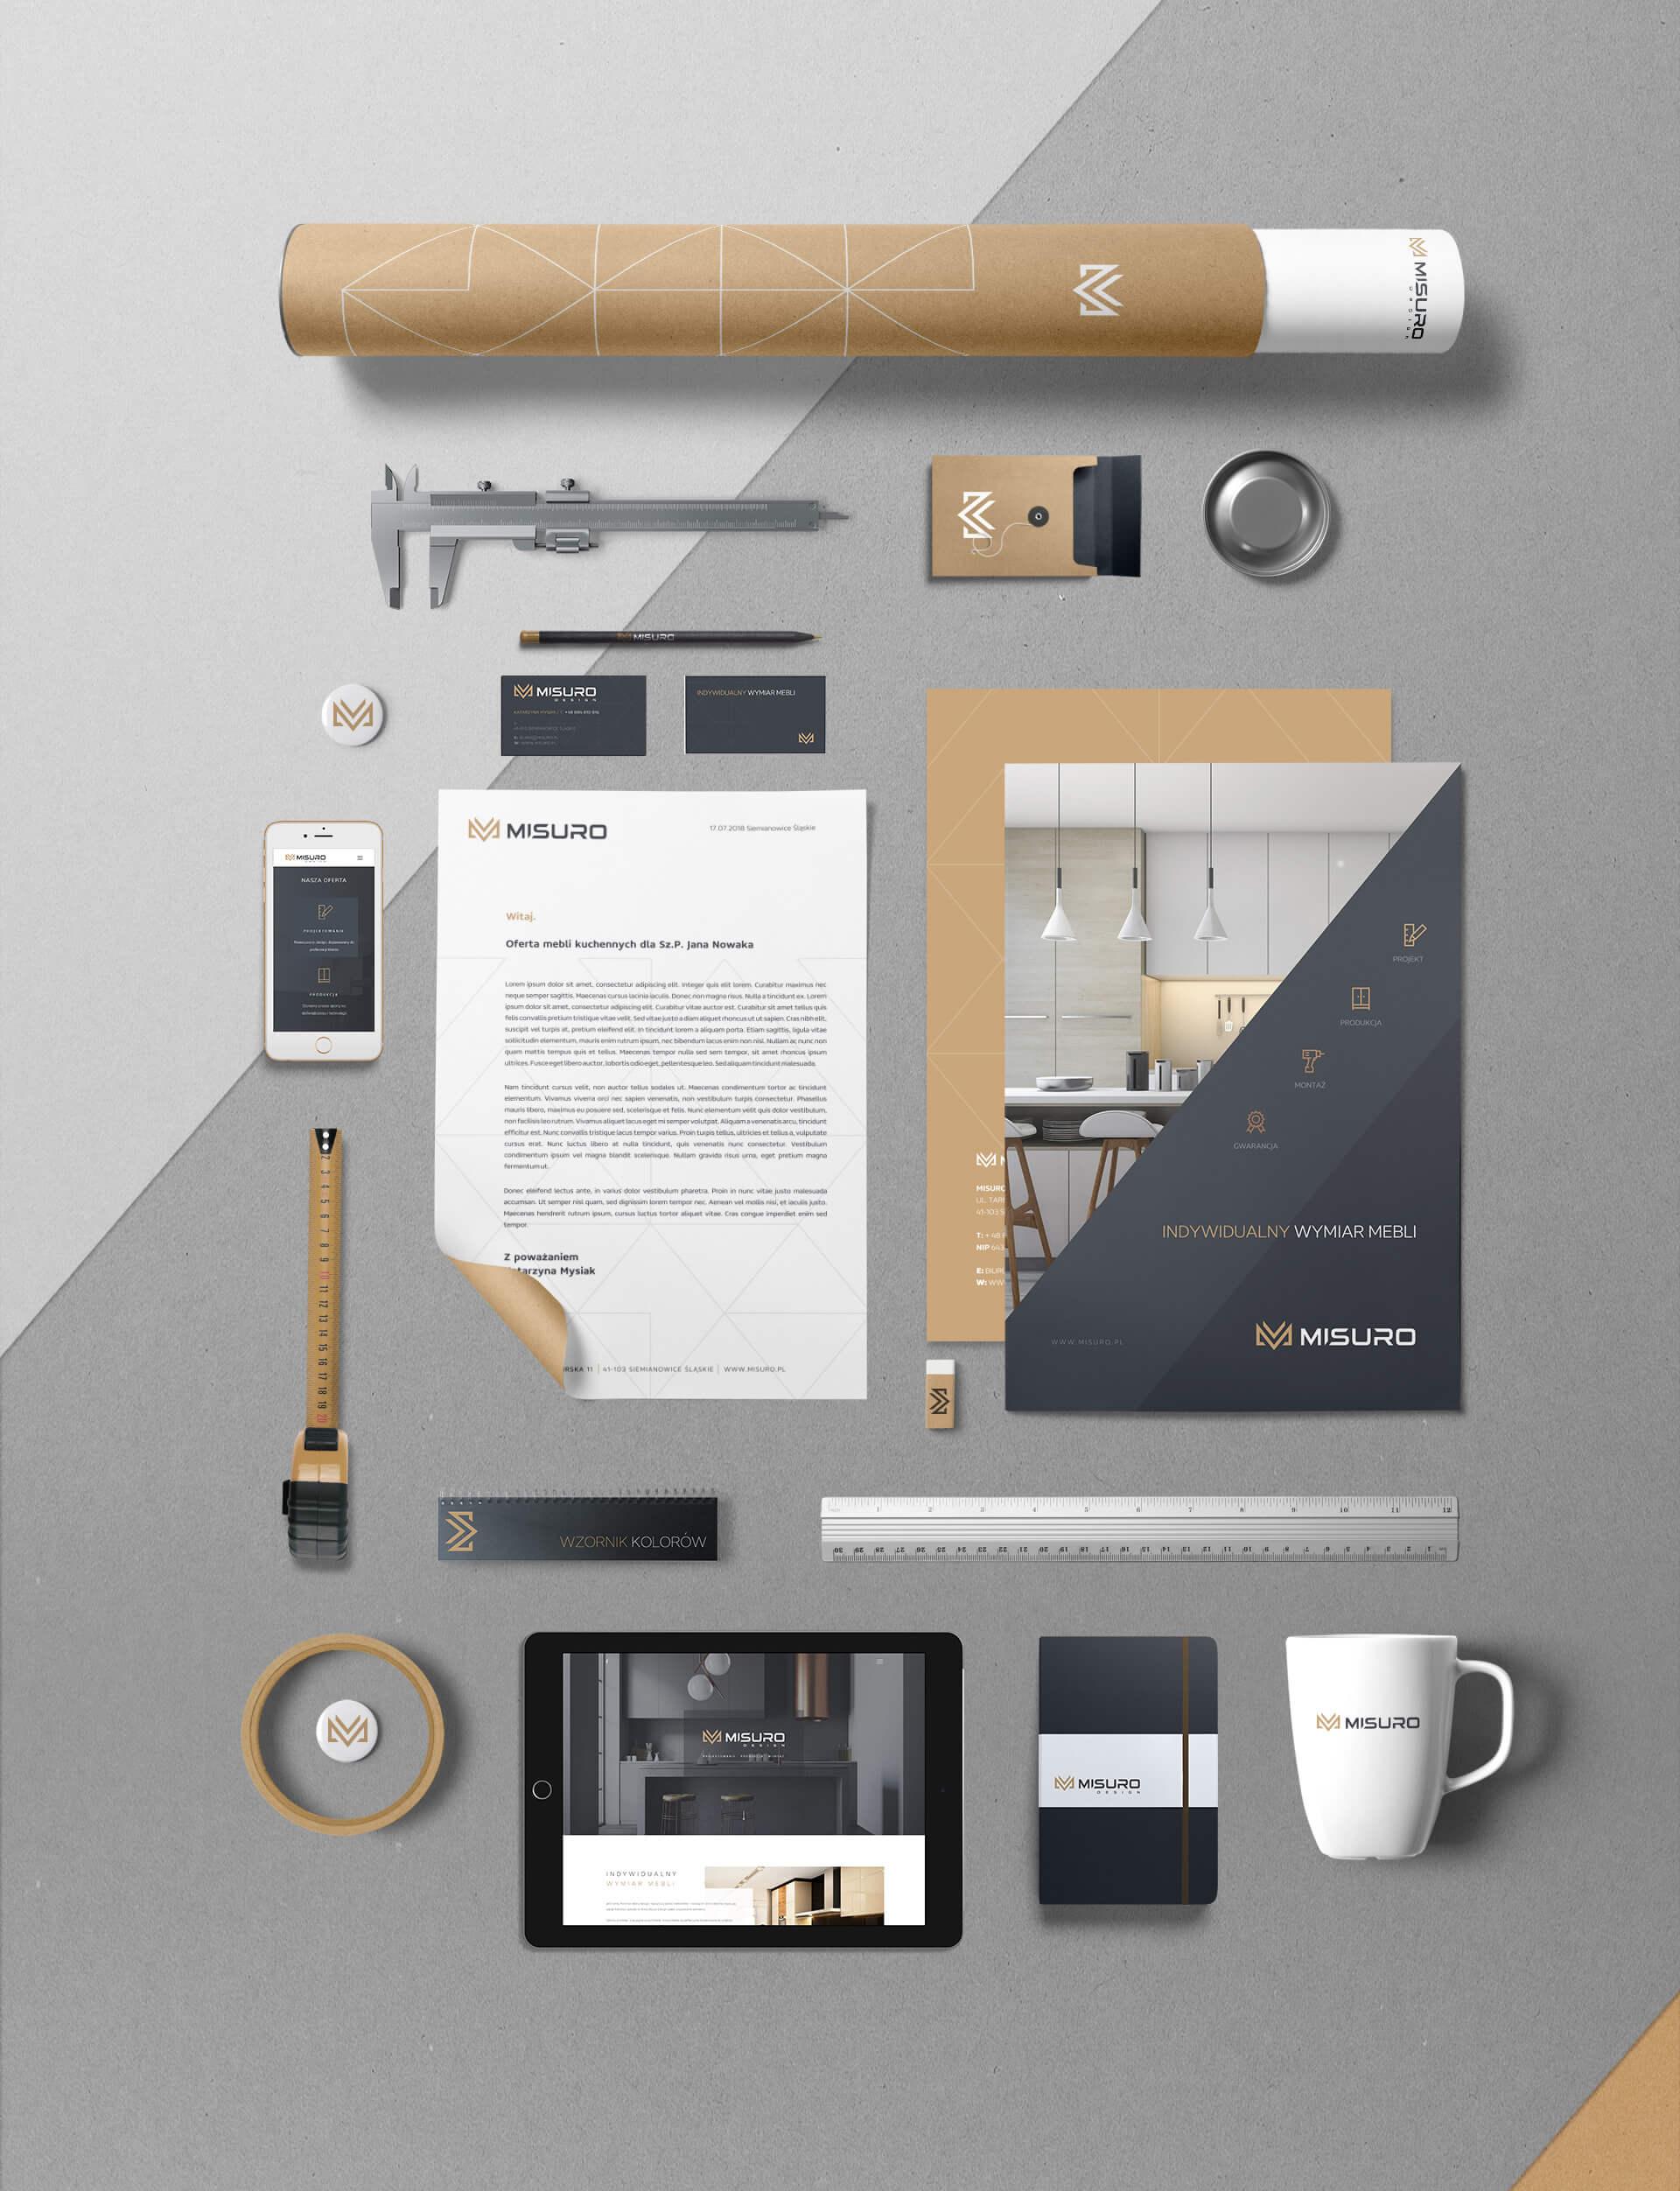 Identyfikacja wizualna misuro design